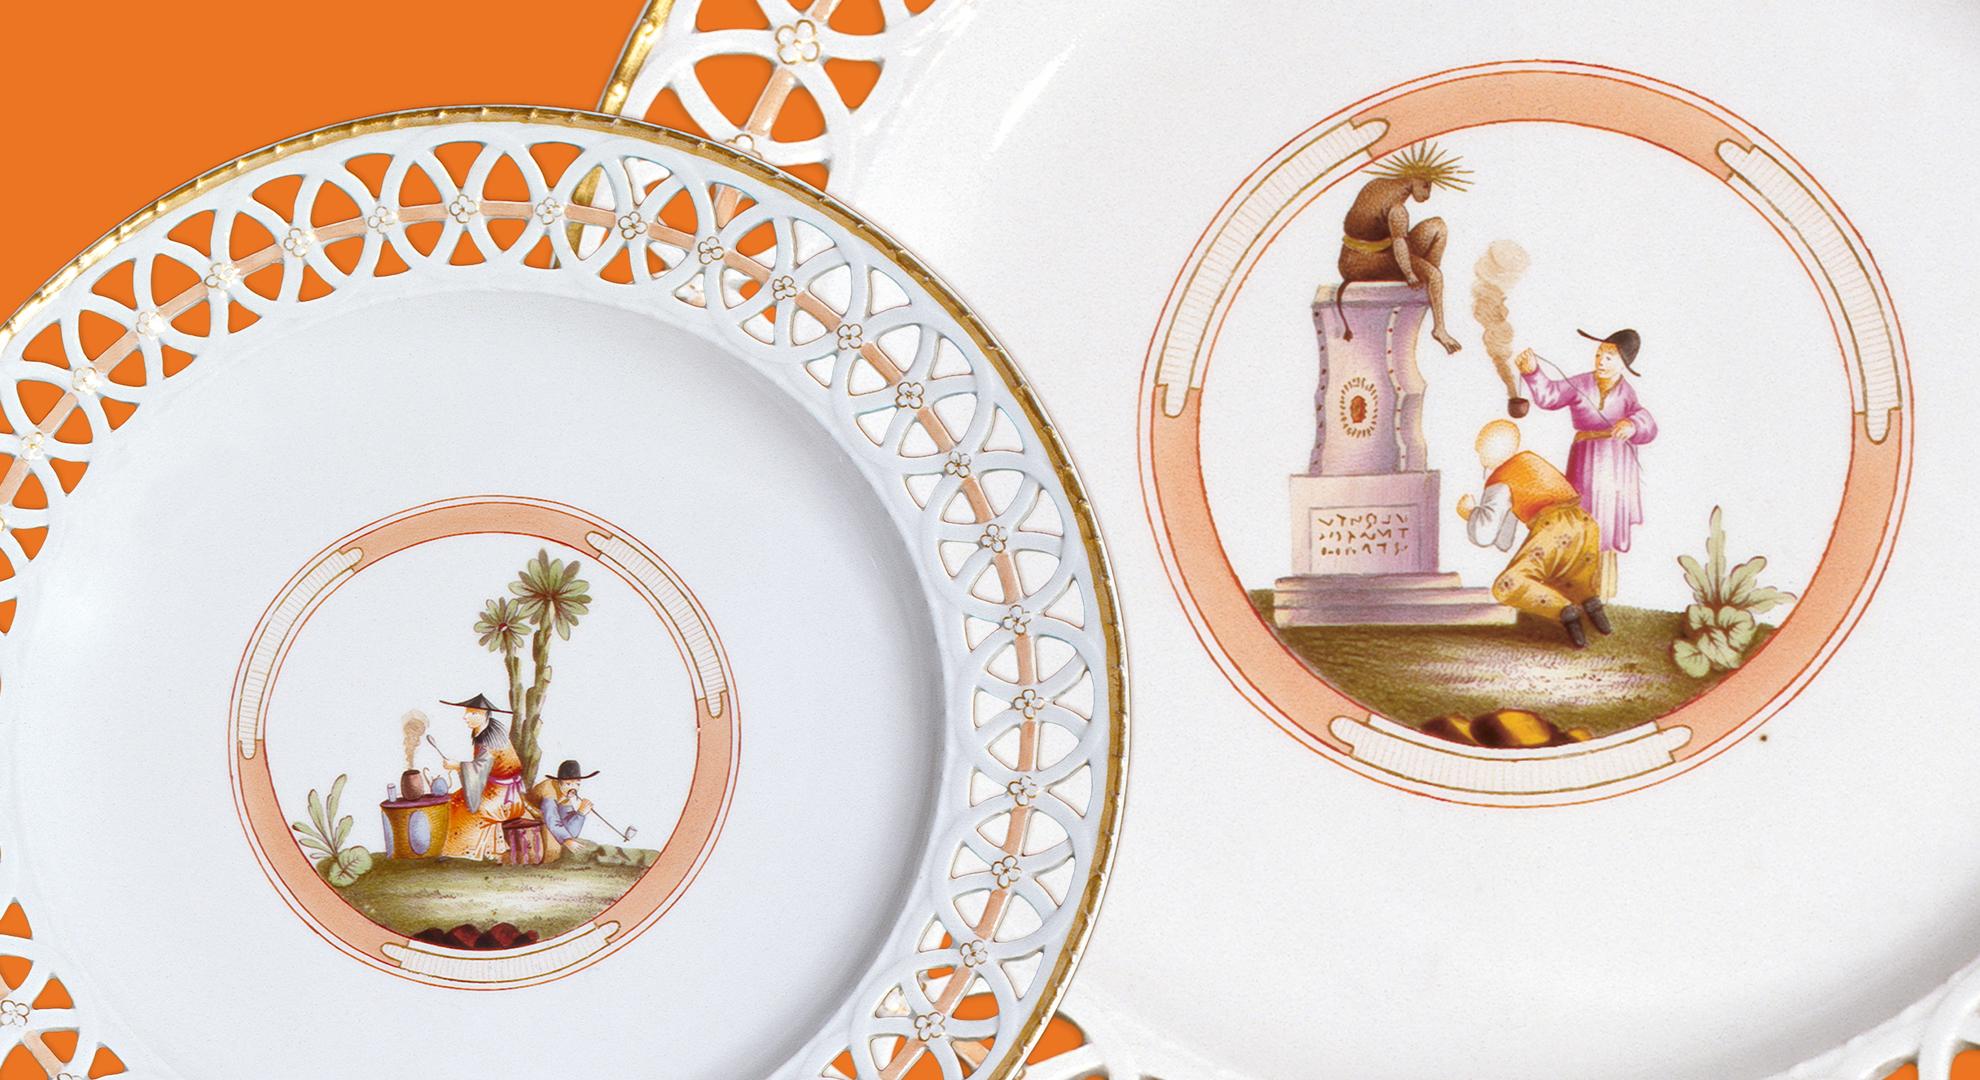 Zwei Bilder mit Handmalerei von Chinesen in der Mitte der Teller, am Rand Durchbruch im Porzellan